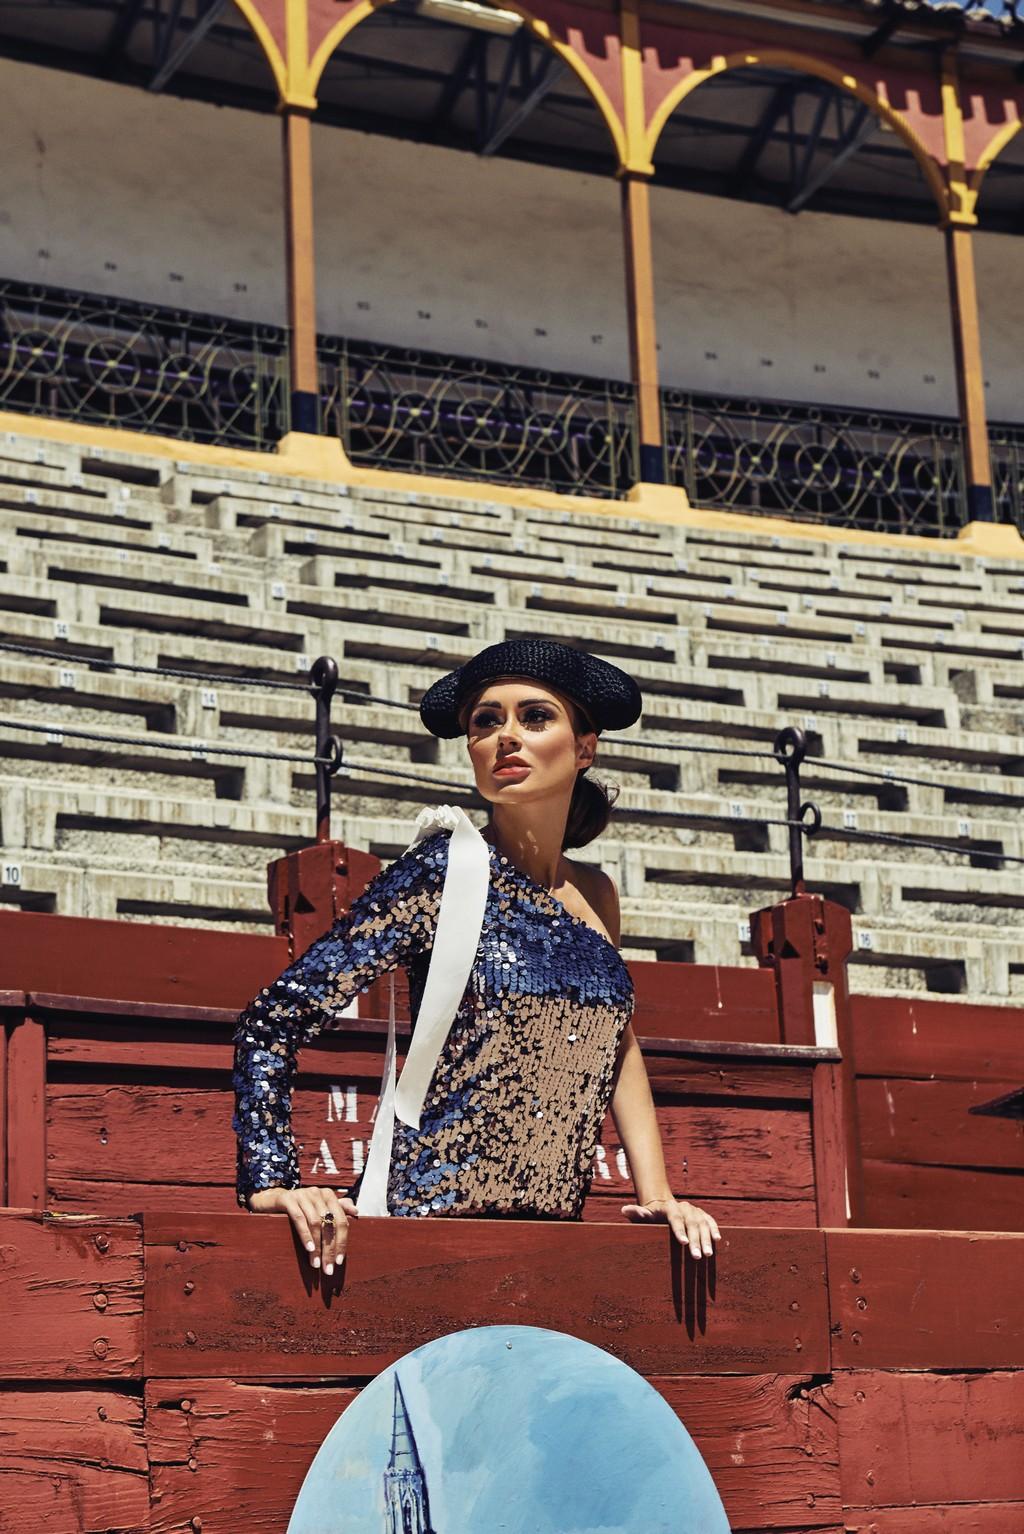 «Монтера» – традиционный головной убор тореадора. Топ MSGM – El Corte Inglés Serrano 47 Woman. Кольцо Carrera y Carrera, коллекция ORIGEN MEDIUM. Локация: Plaza de Toros Toledo